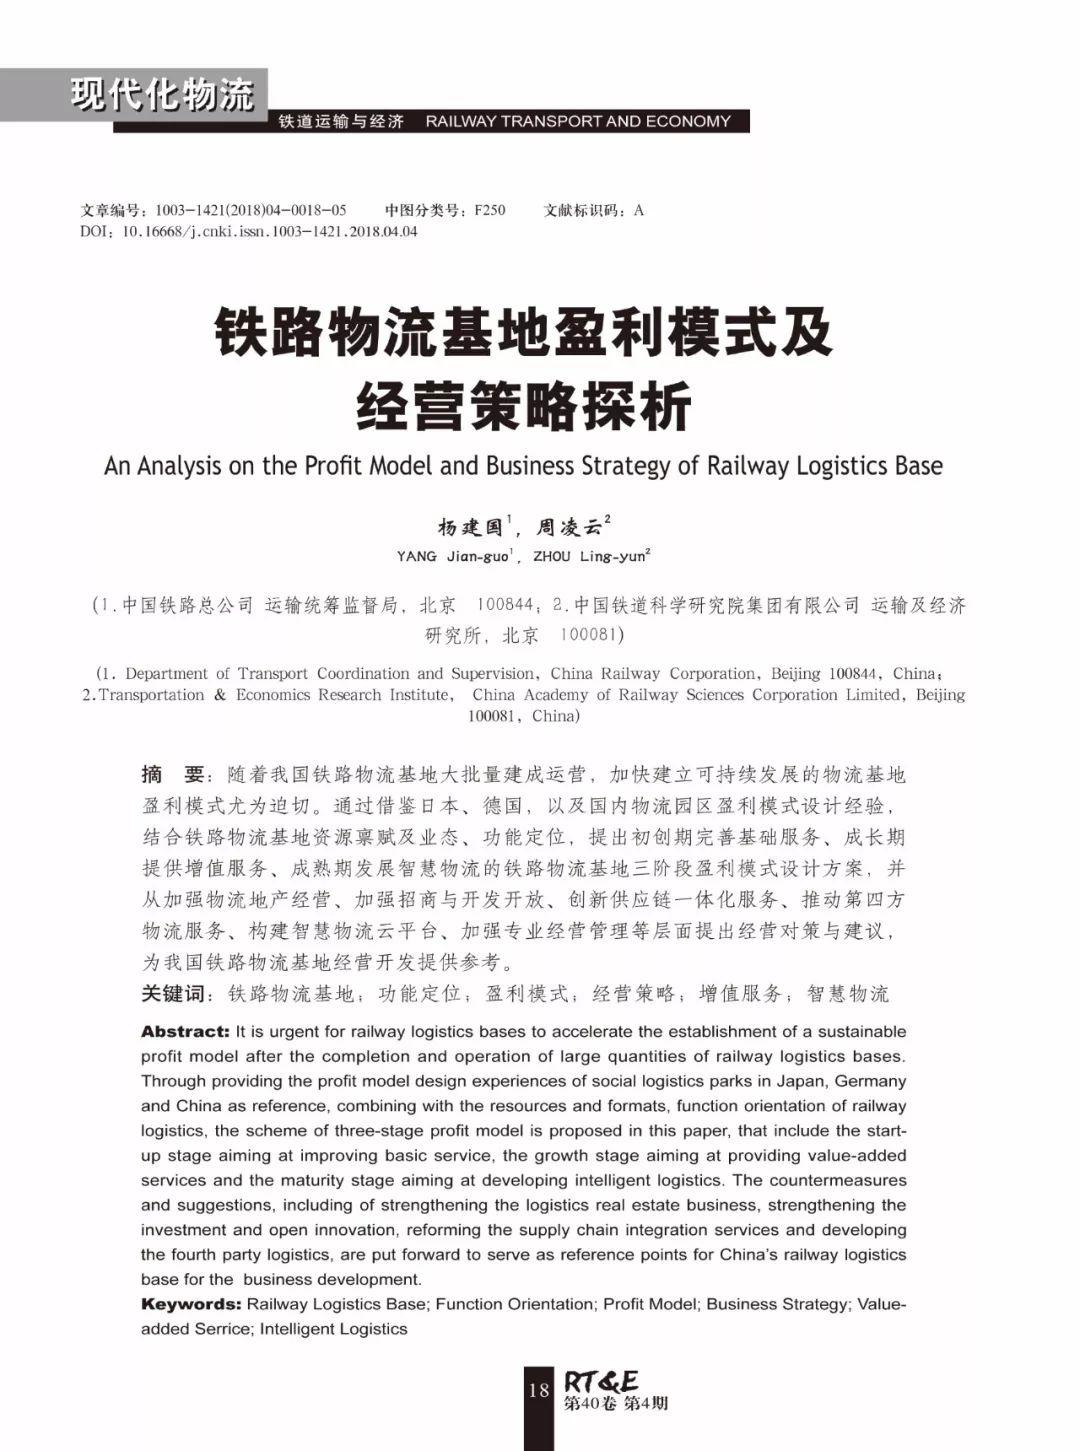 铁道运输与经济:铁路物流基地盈利模式及经营策略探析